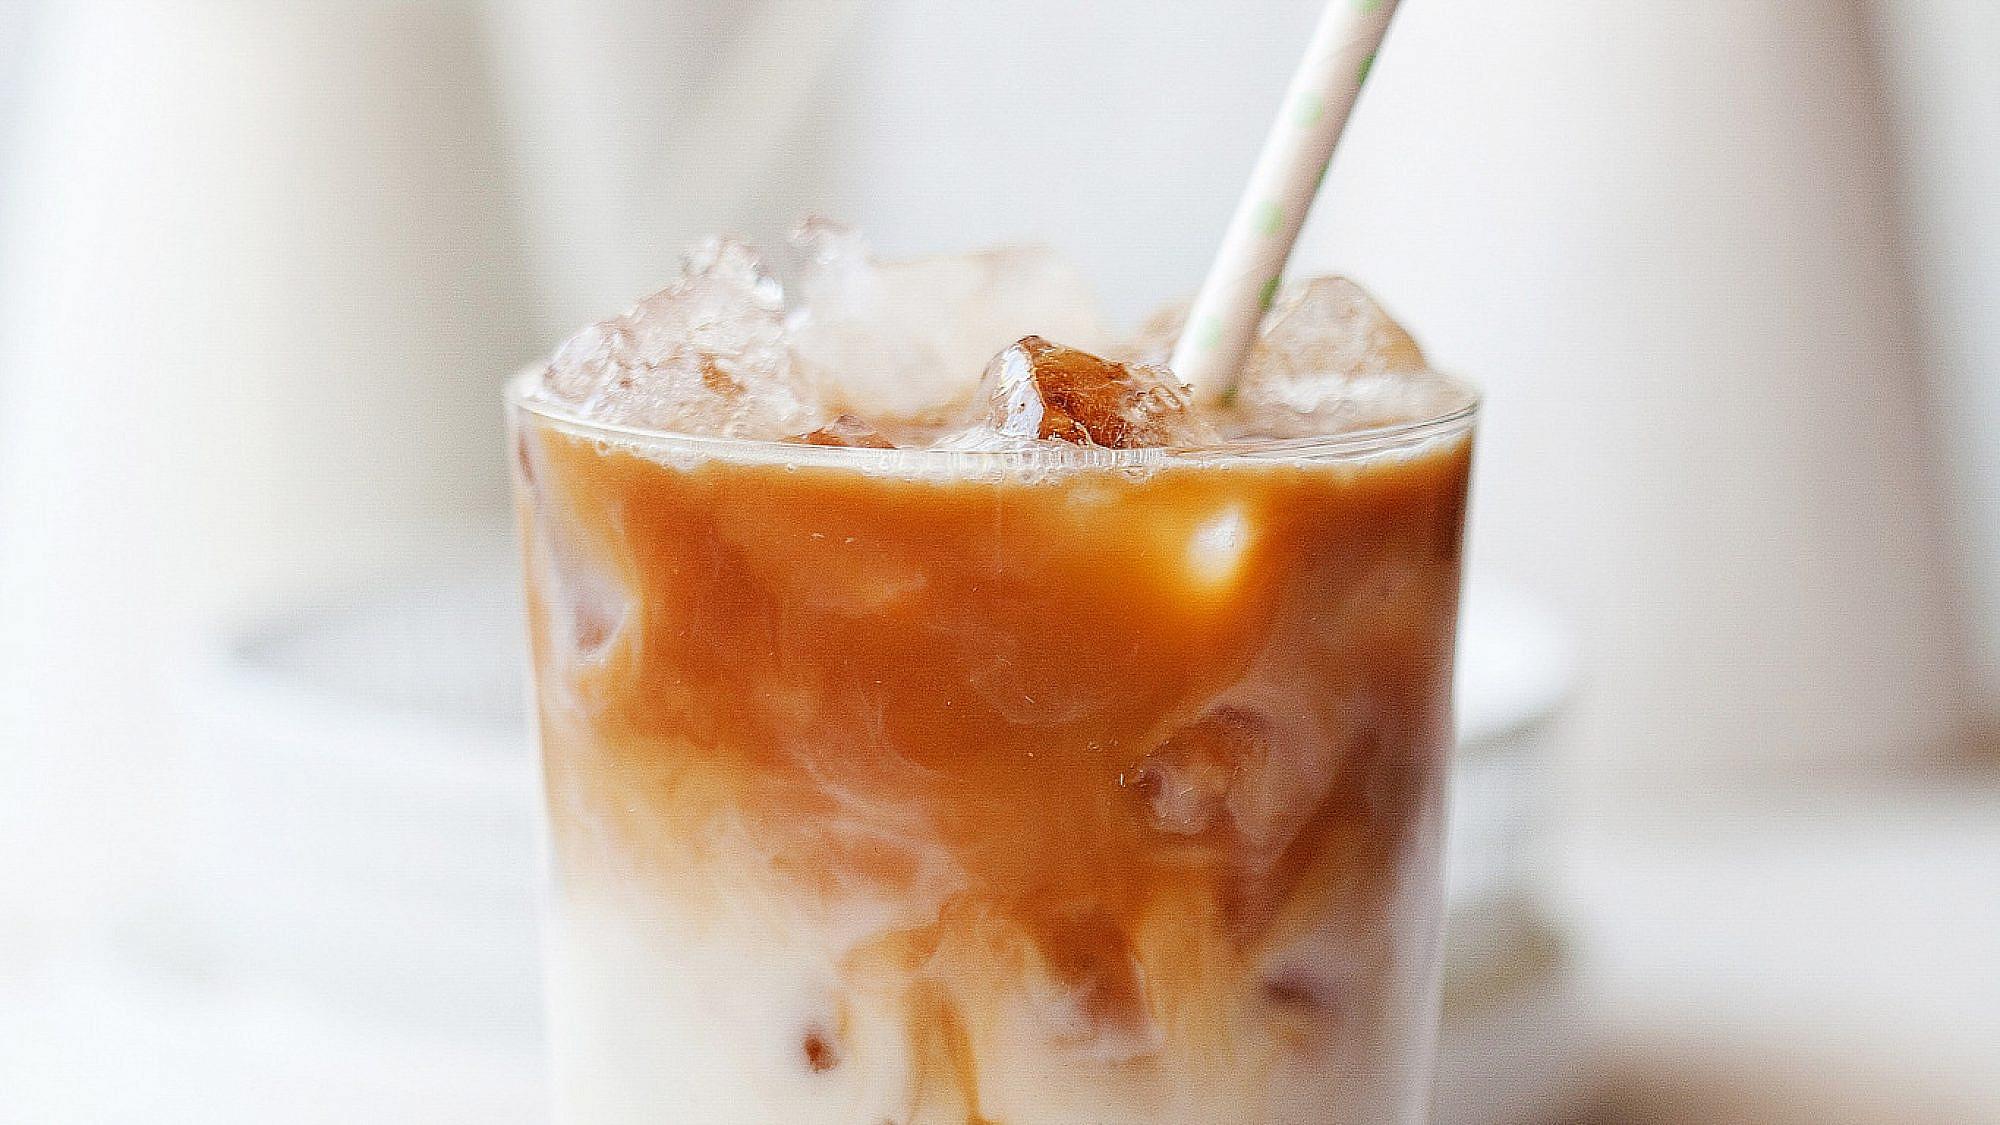 שייק אורז בחלב בניחוח קפה ושקדים של רות אוליבר. צילום: דניאל לילה. סטיילינג: עמית פרבר